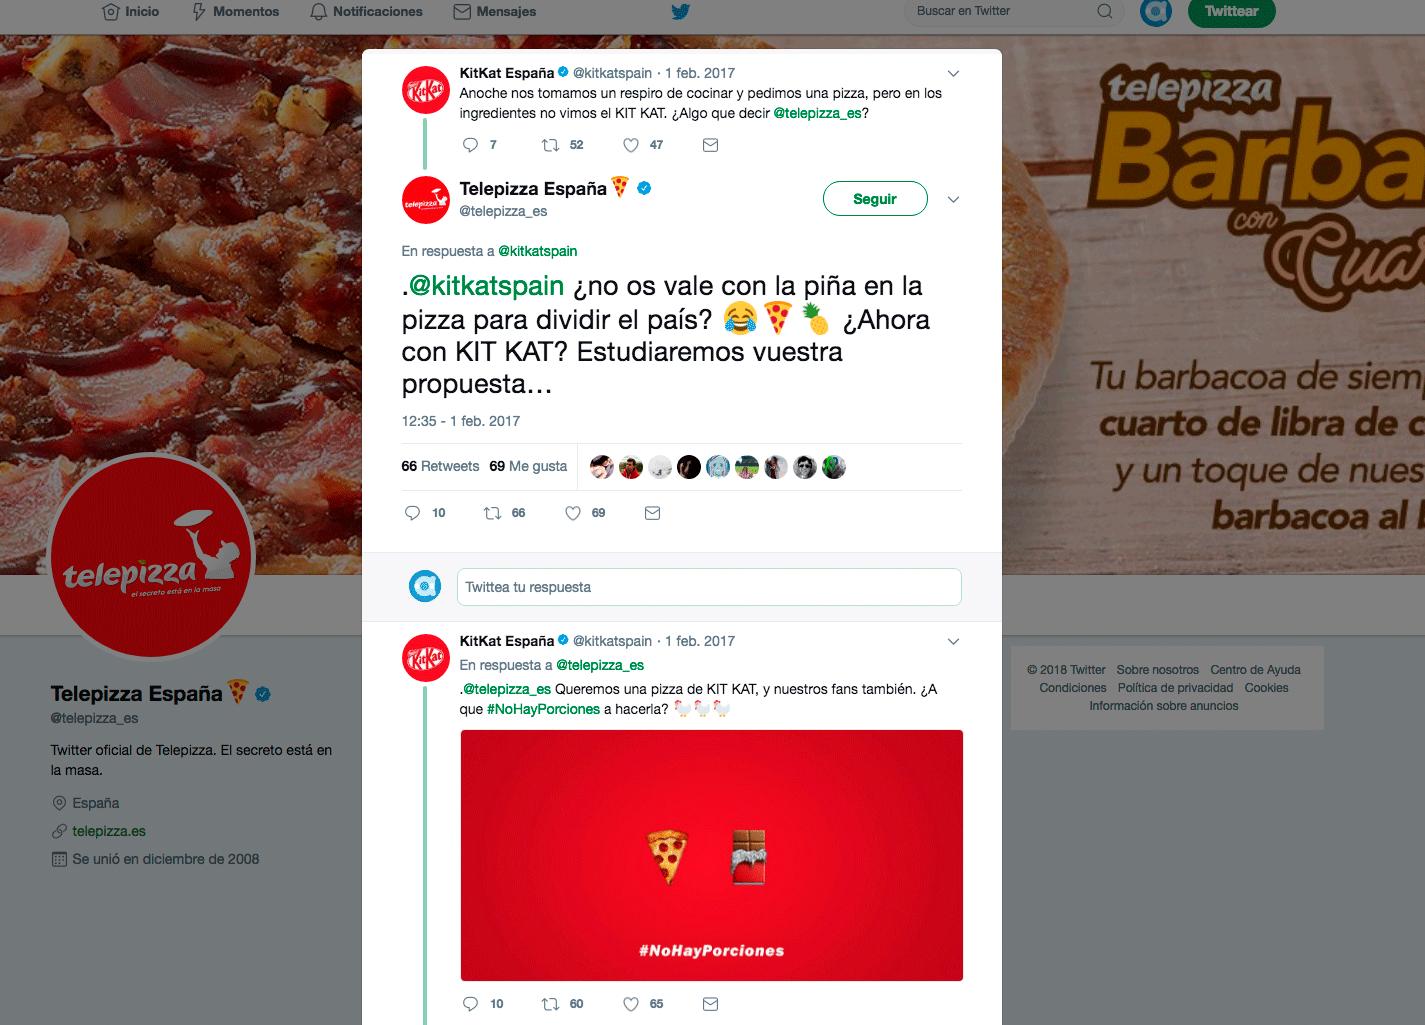 Telepizza y KitKat escuchan a sus usuarios y lanzan nuevo producto